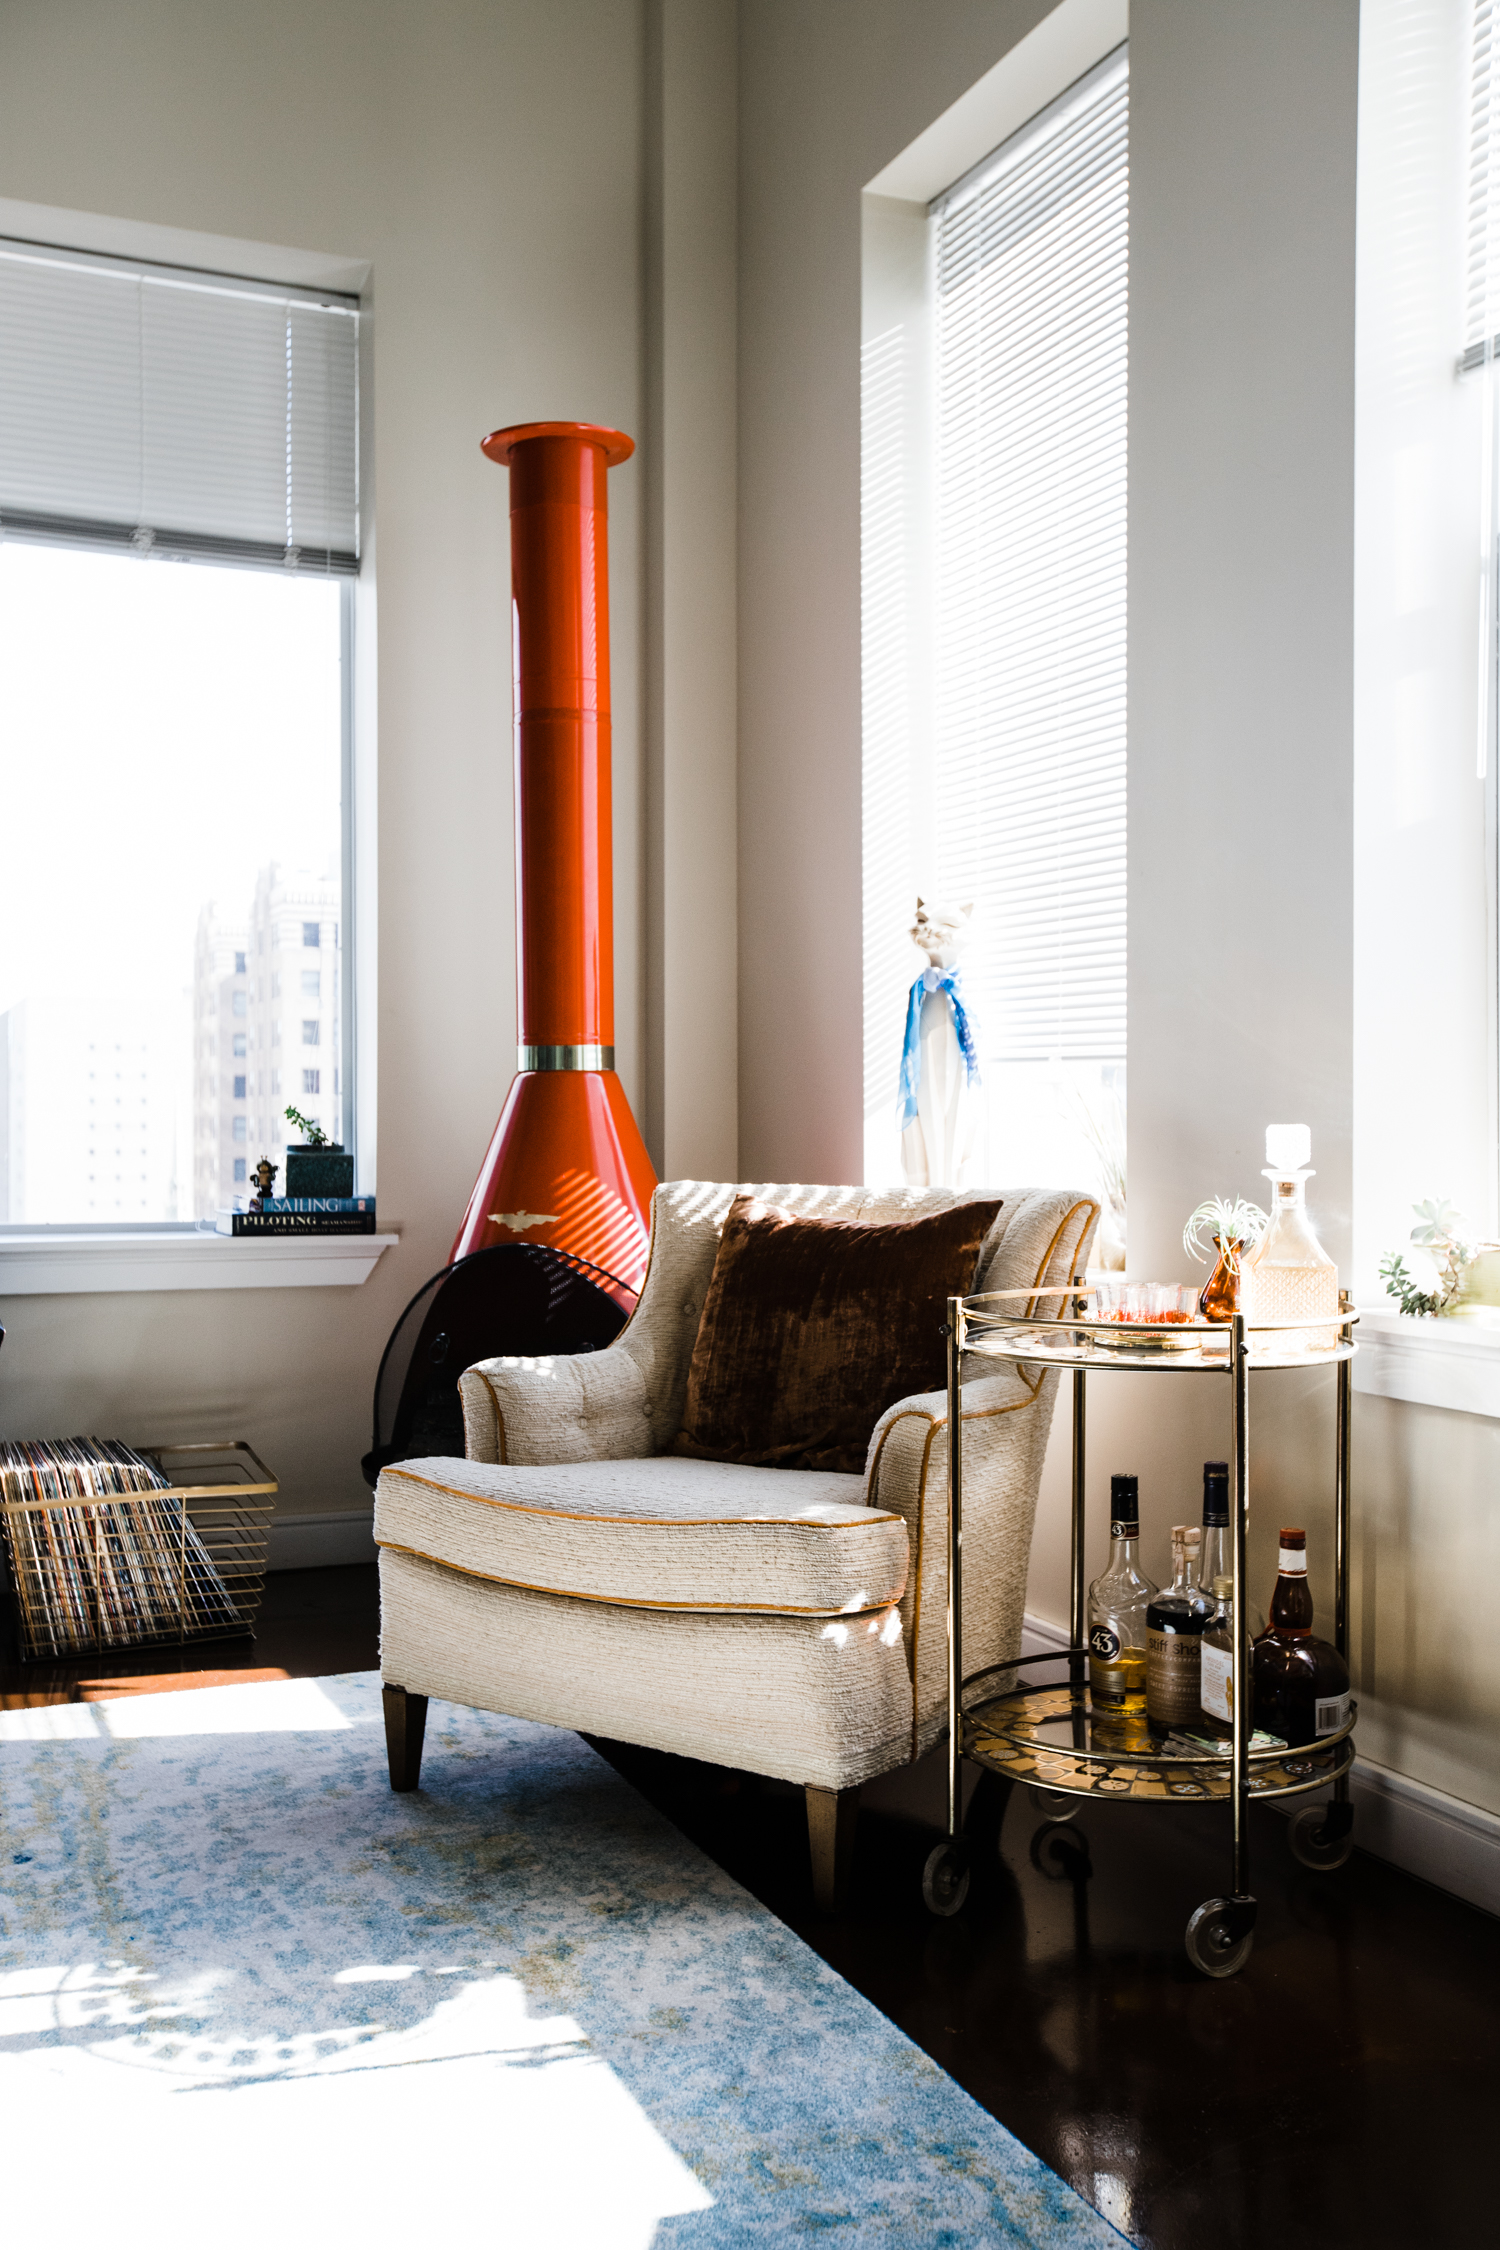 retro_apartment-38.jpg